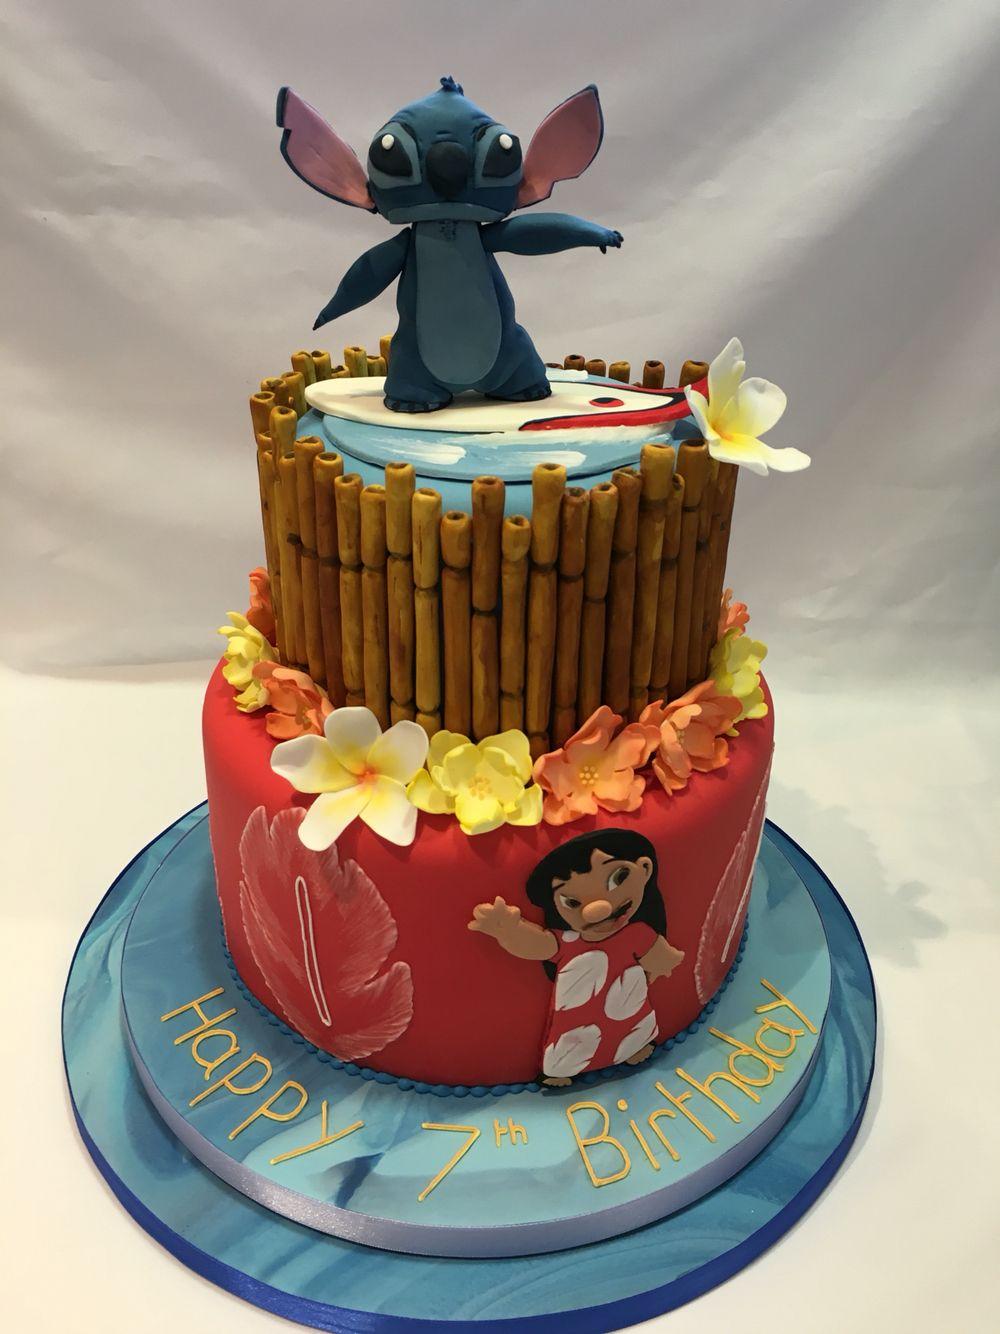 Lilo & Stitch Disney cake Disney birthday cakes, Lilo